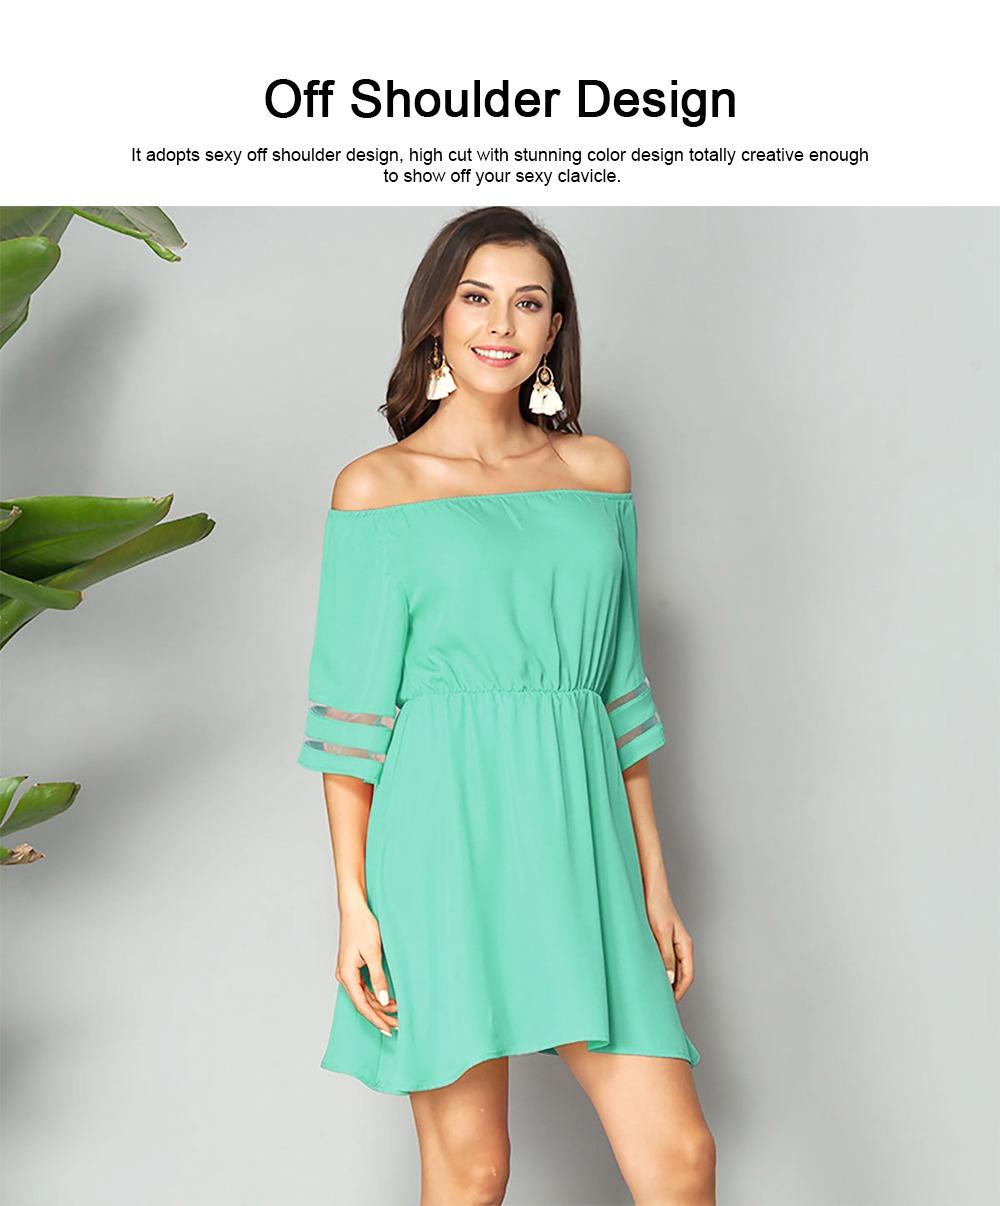 Women Off Shoulder Dress with Tight Waist, Medium Sleeves Dress, A Line Skirt Knee Skirt 1